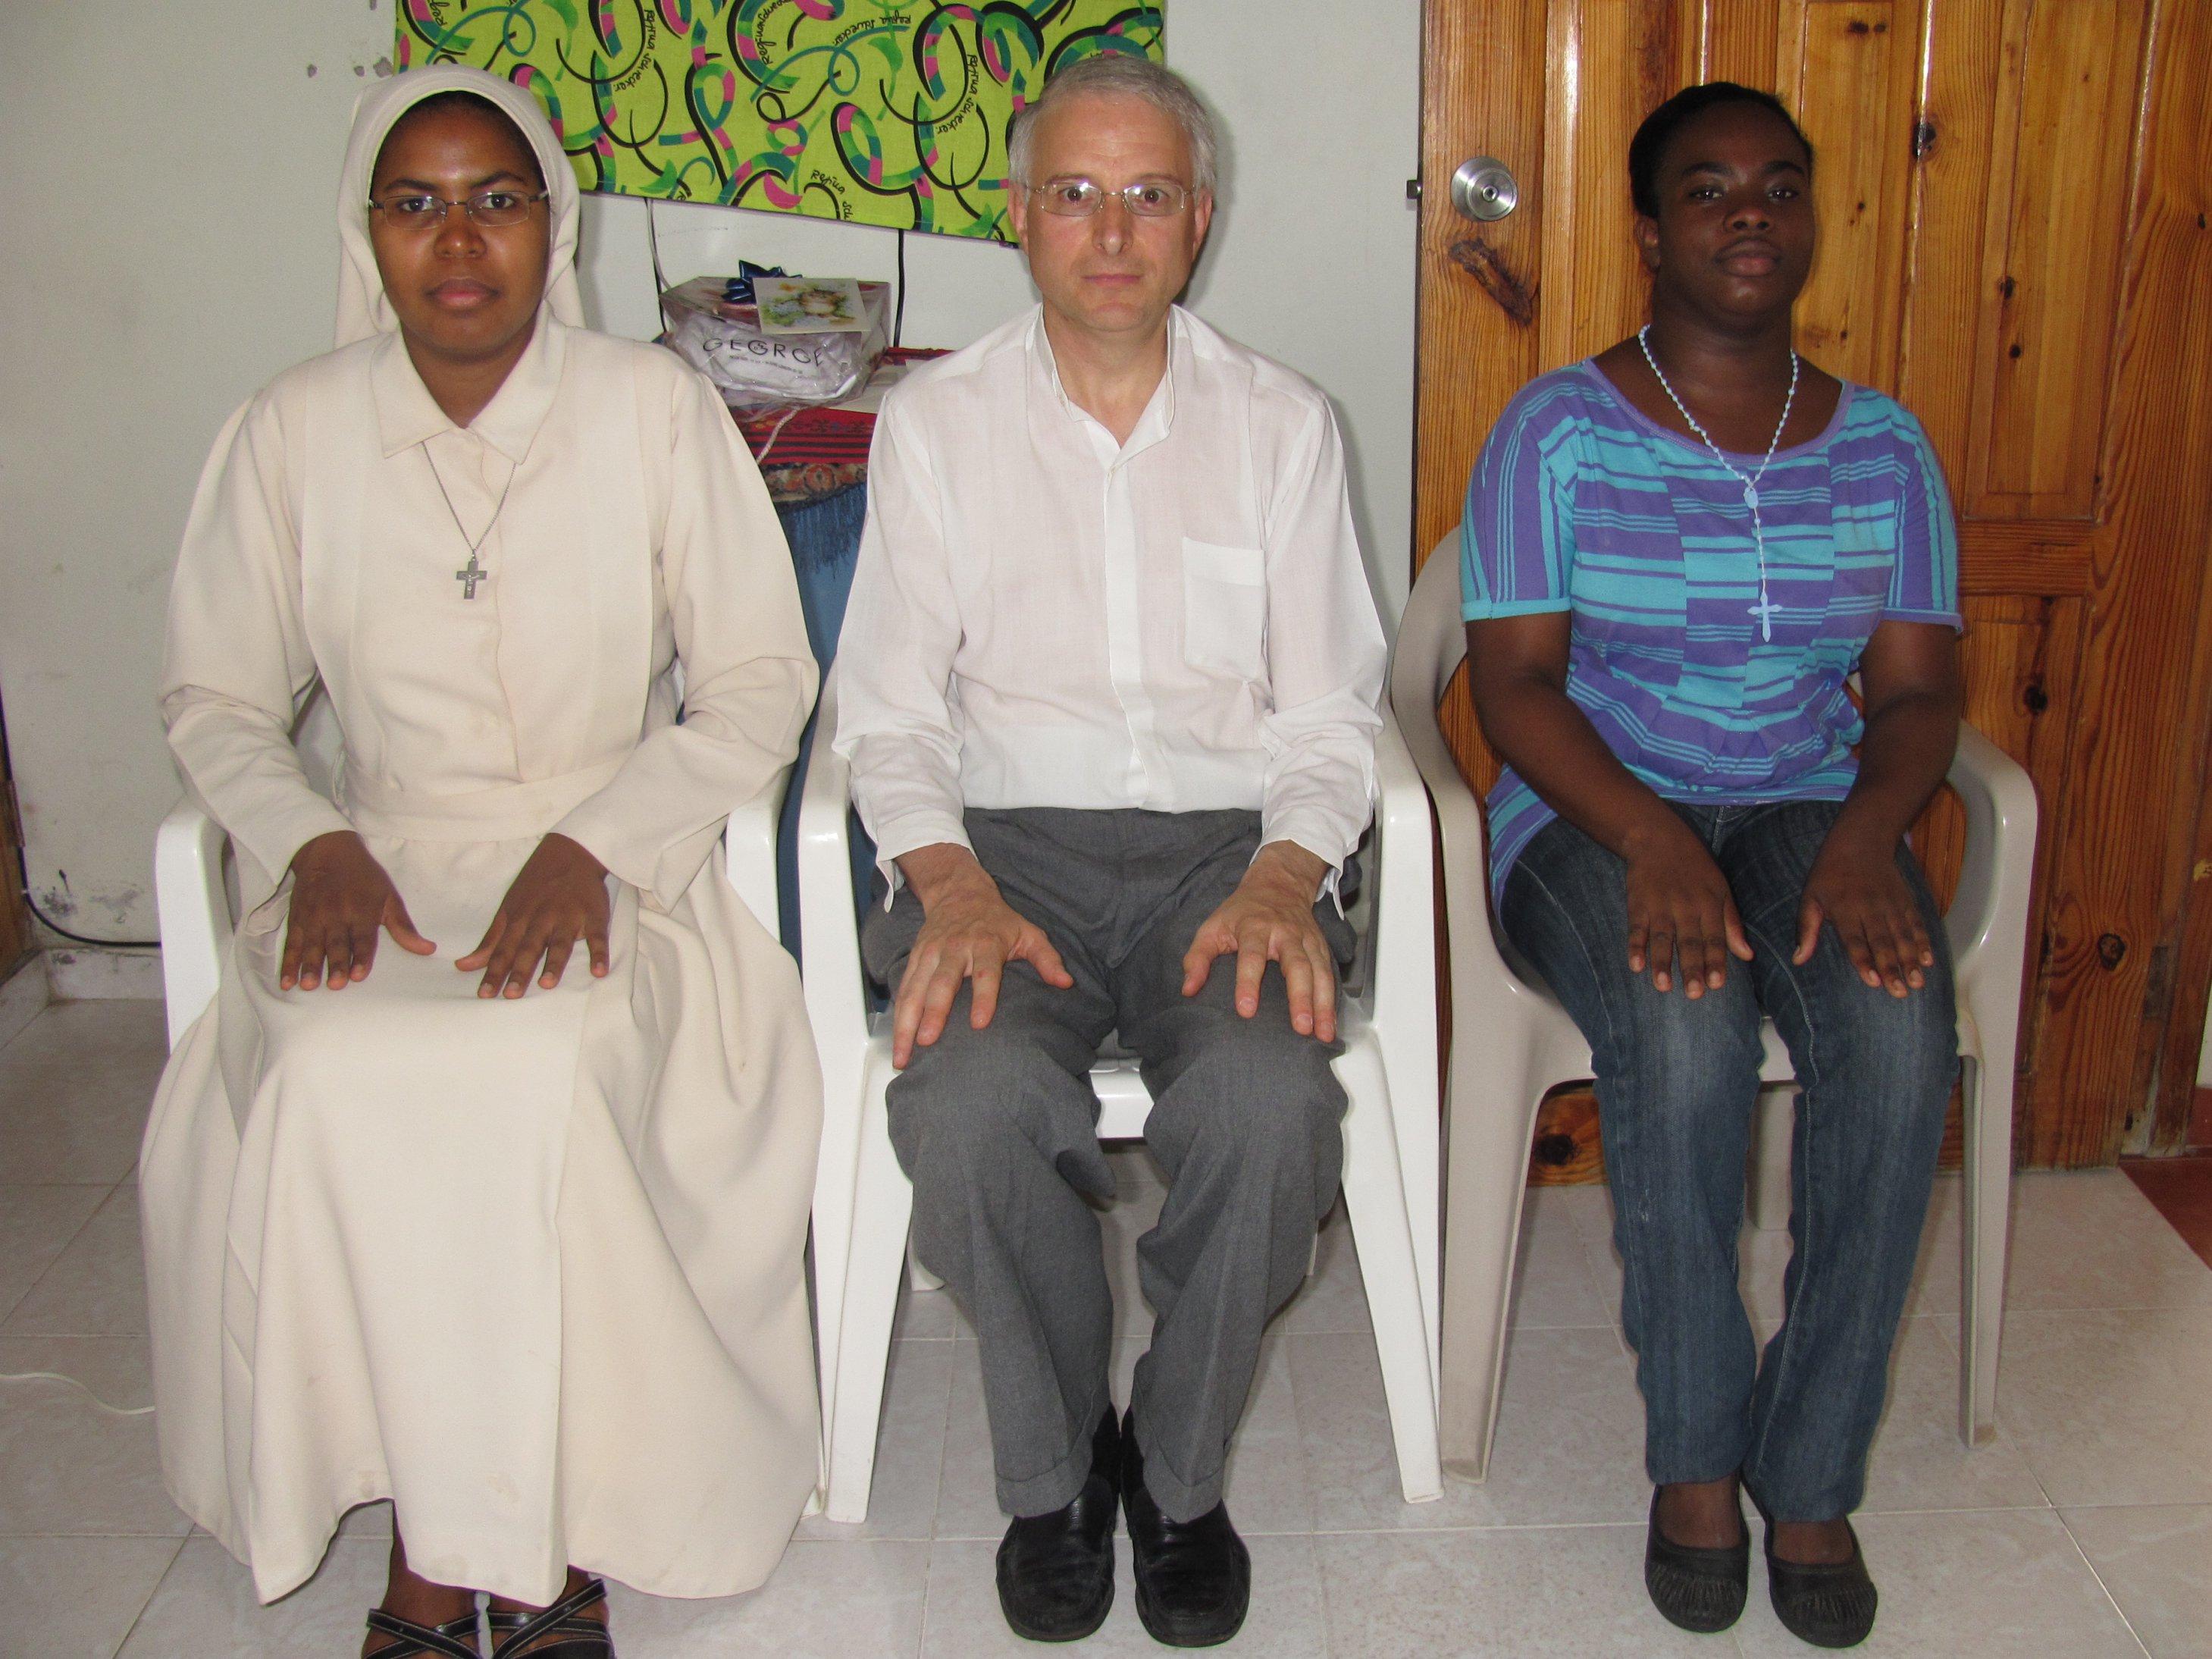 guaricano_onomastico_paulina_2012-06-28-08-52-28